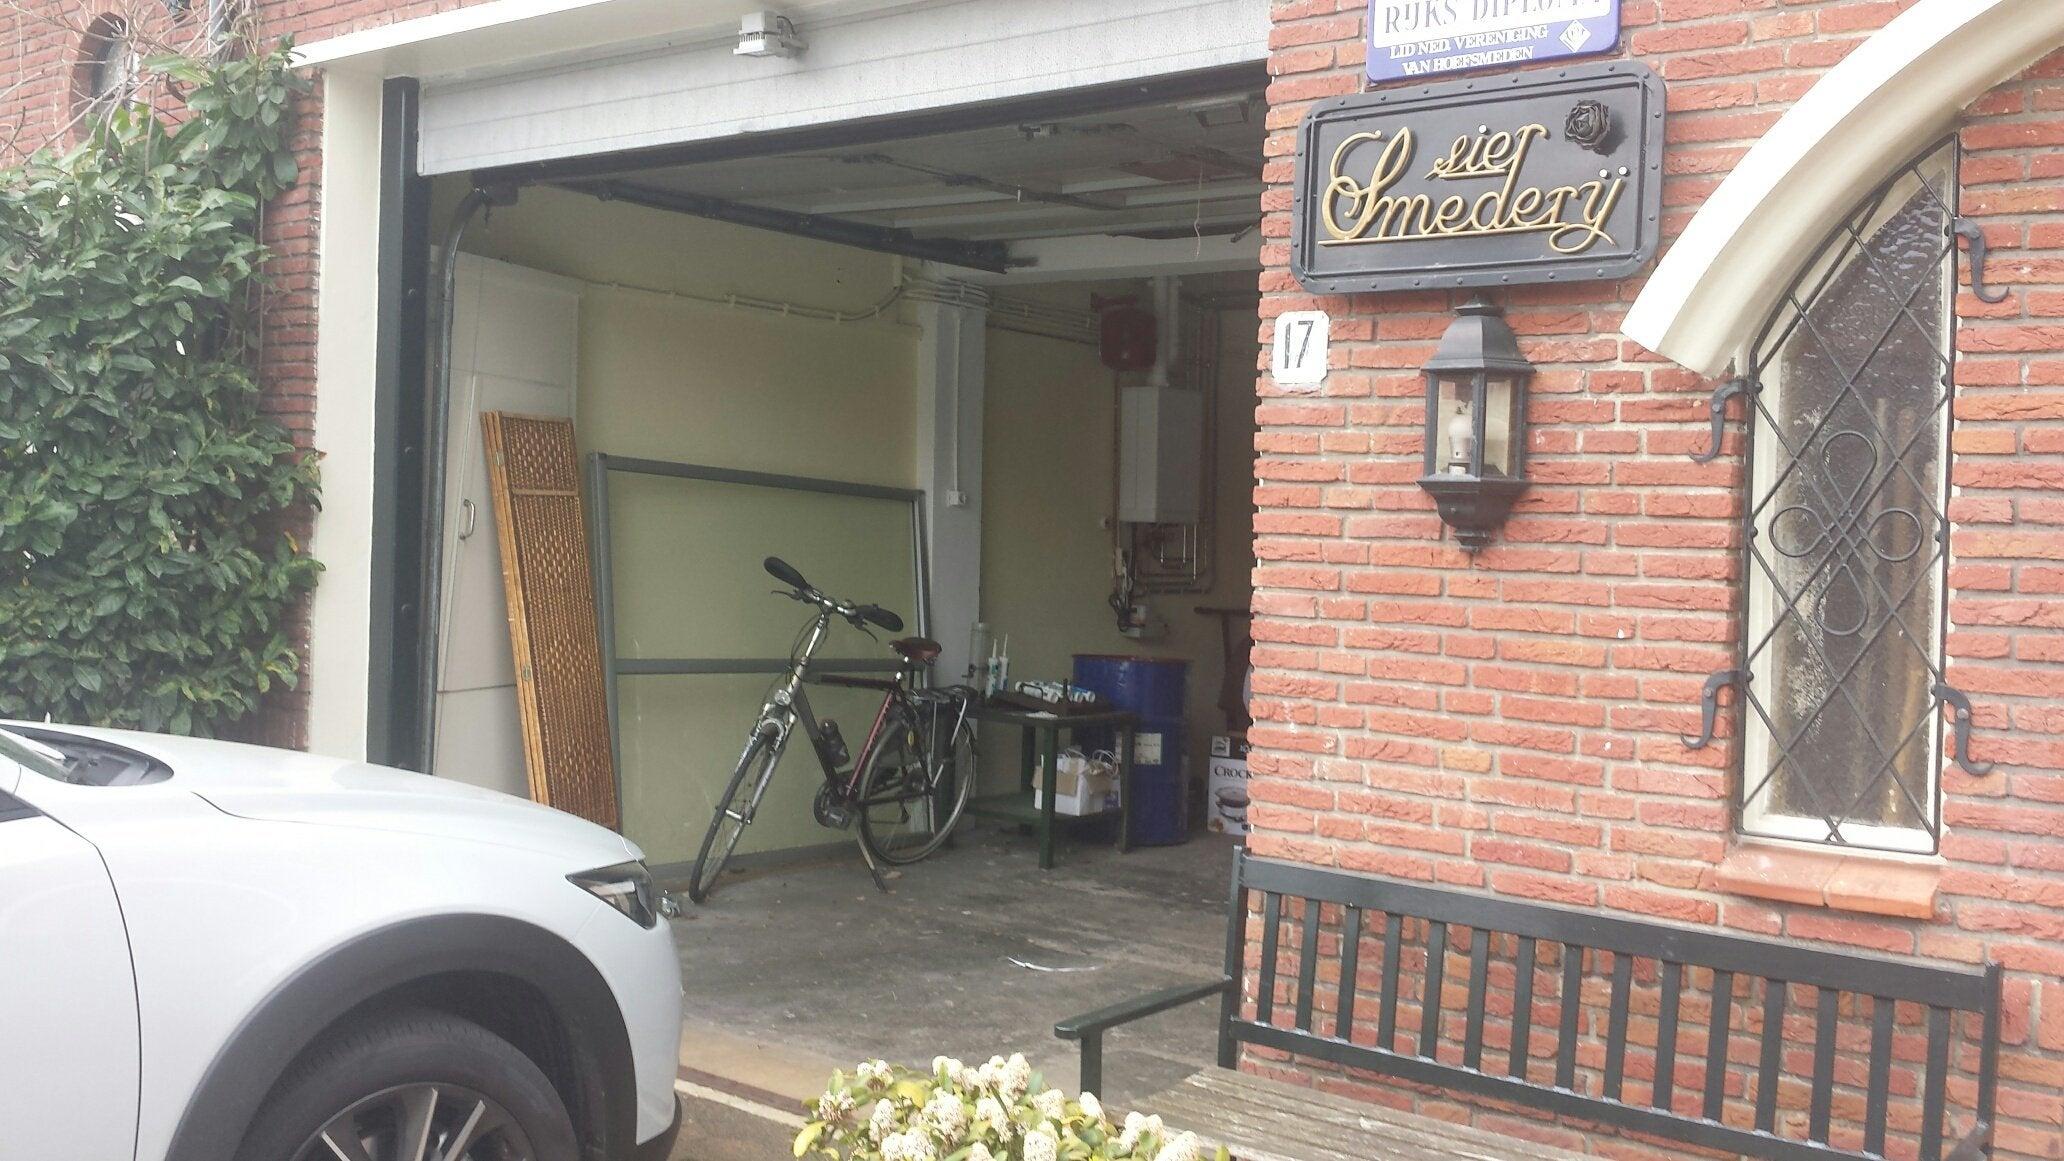 Adriaan Pauwstraat, wassenaar